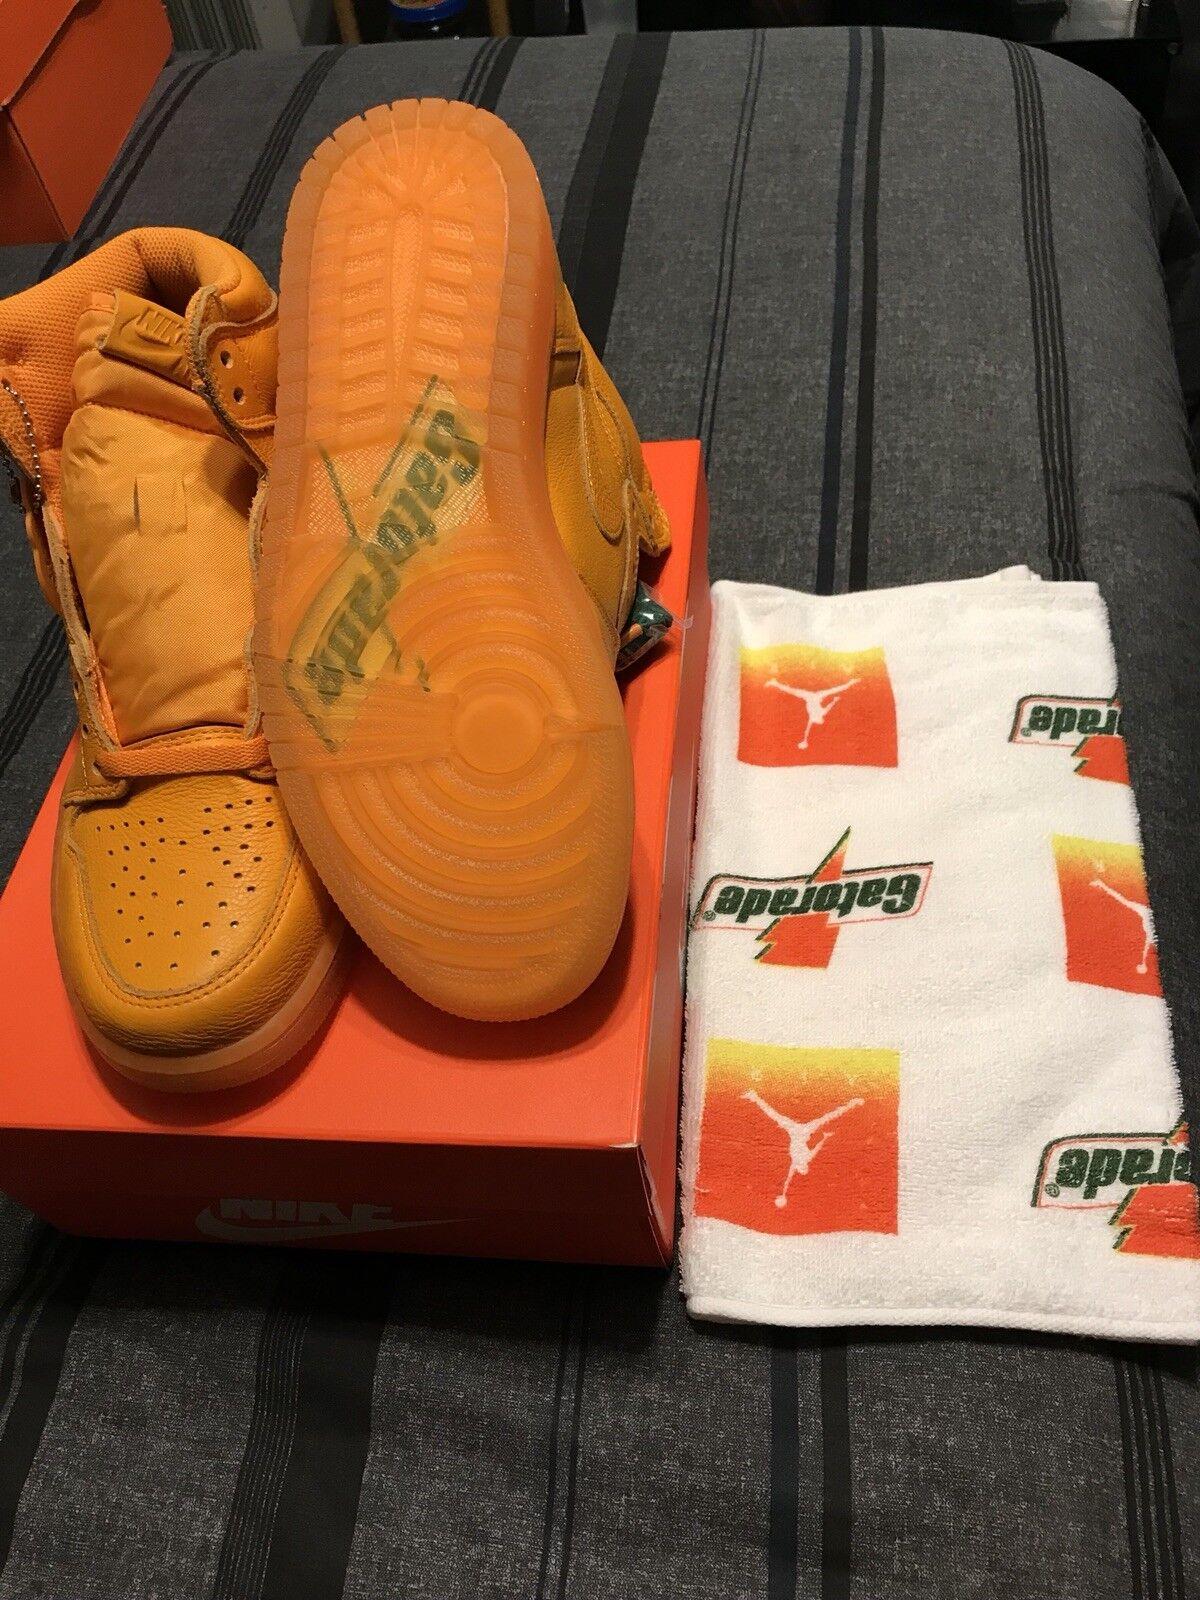 New Nike Air Jordan 1 Gatorade Orange Size 8.5